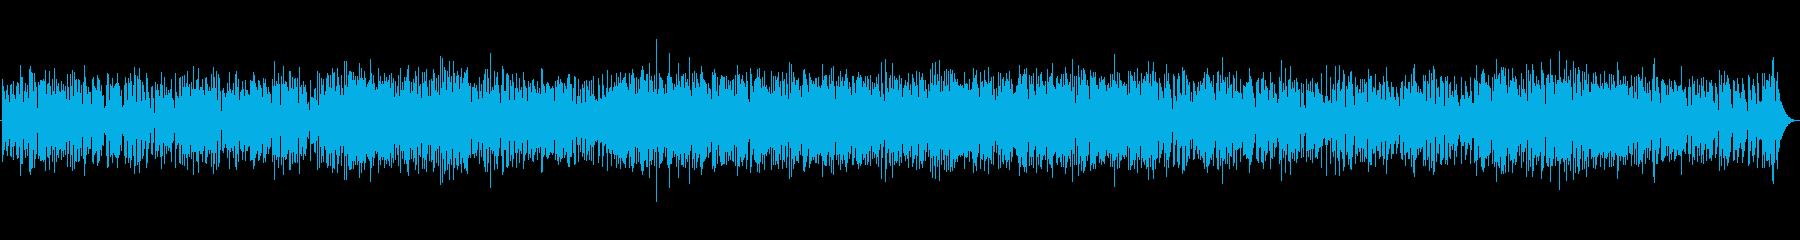 軽快なジャズの再生済みの波形